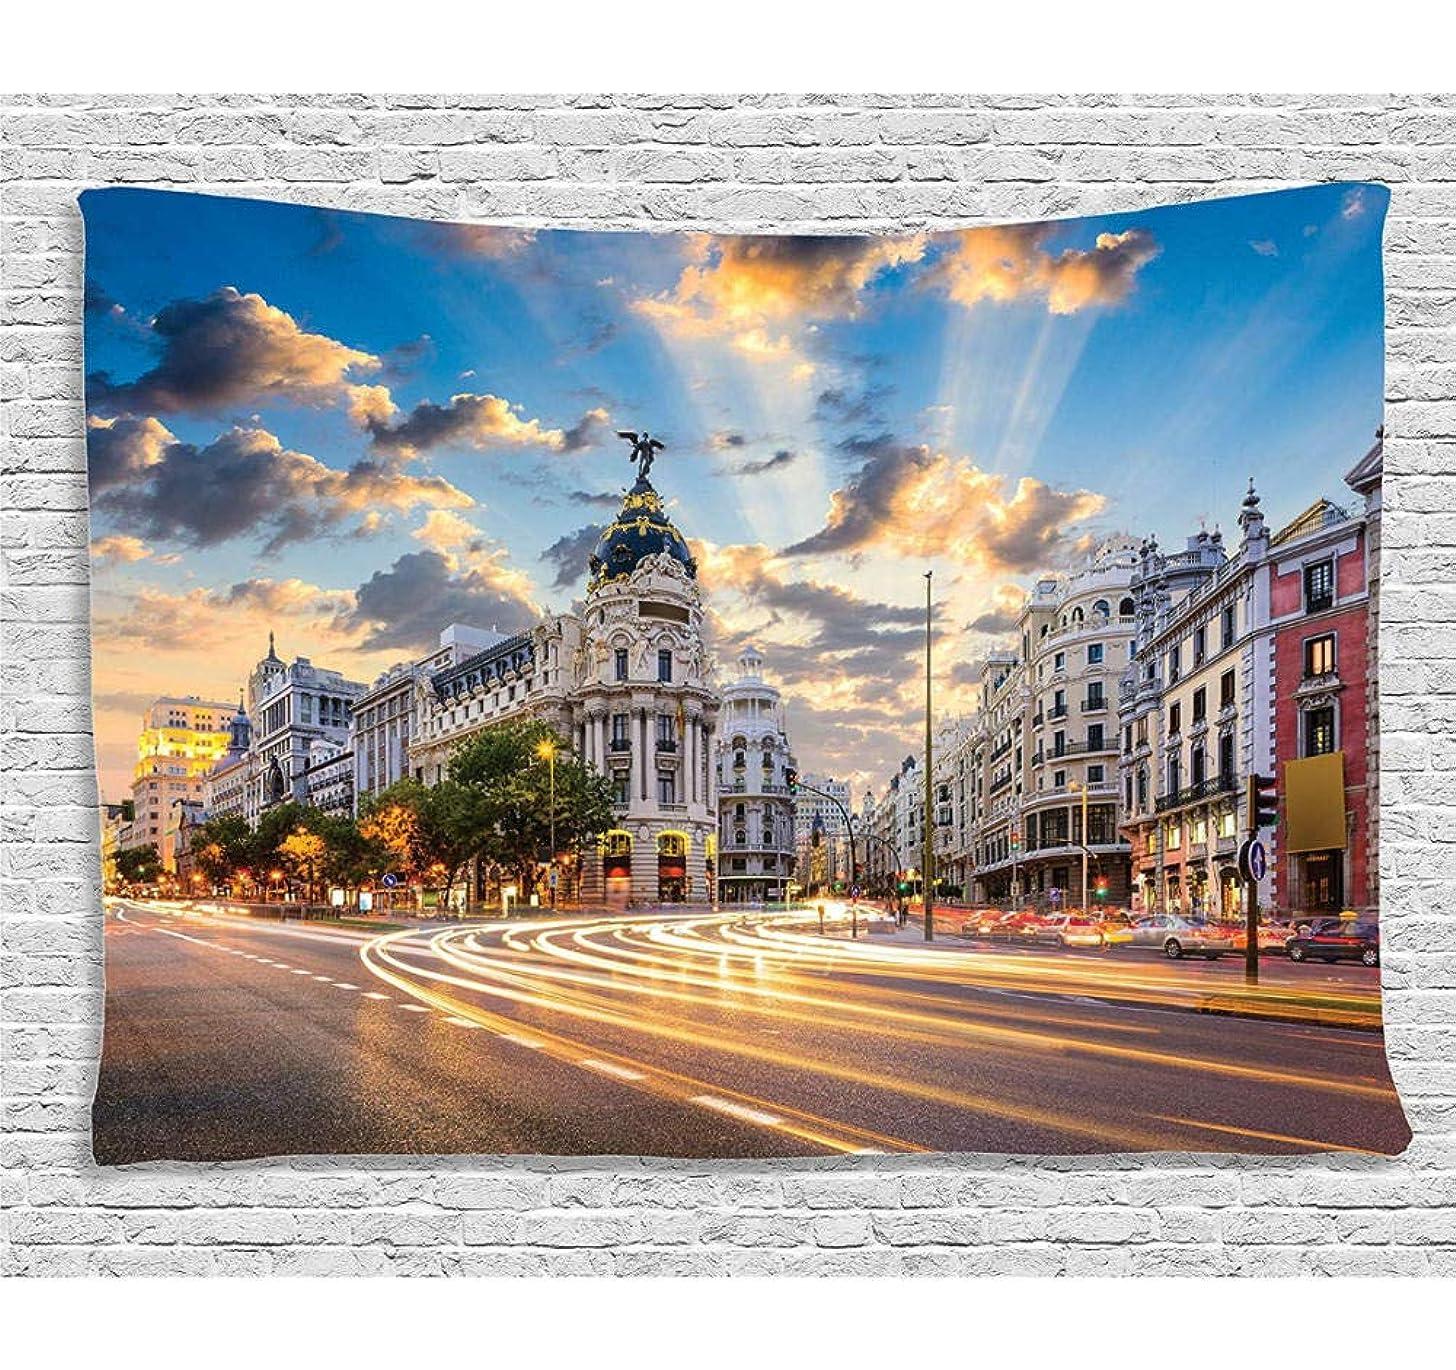 仕様変成器ジャニスChunxd ヨーロッパの街並みの装飾コレクション通りの眺めモダンなマドリードと空の風景大きな旧市街の部屋タペストリー?-150X200Cm